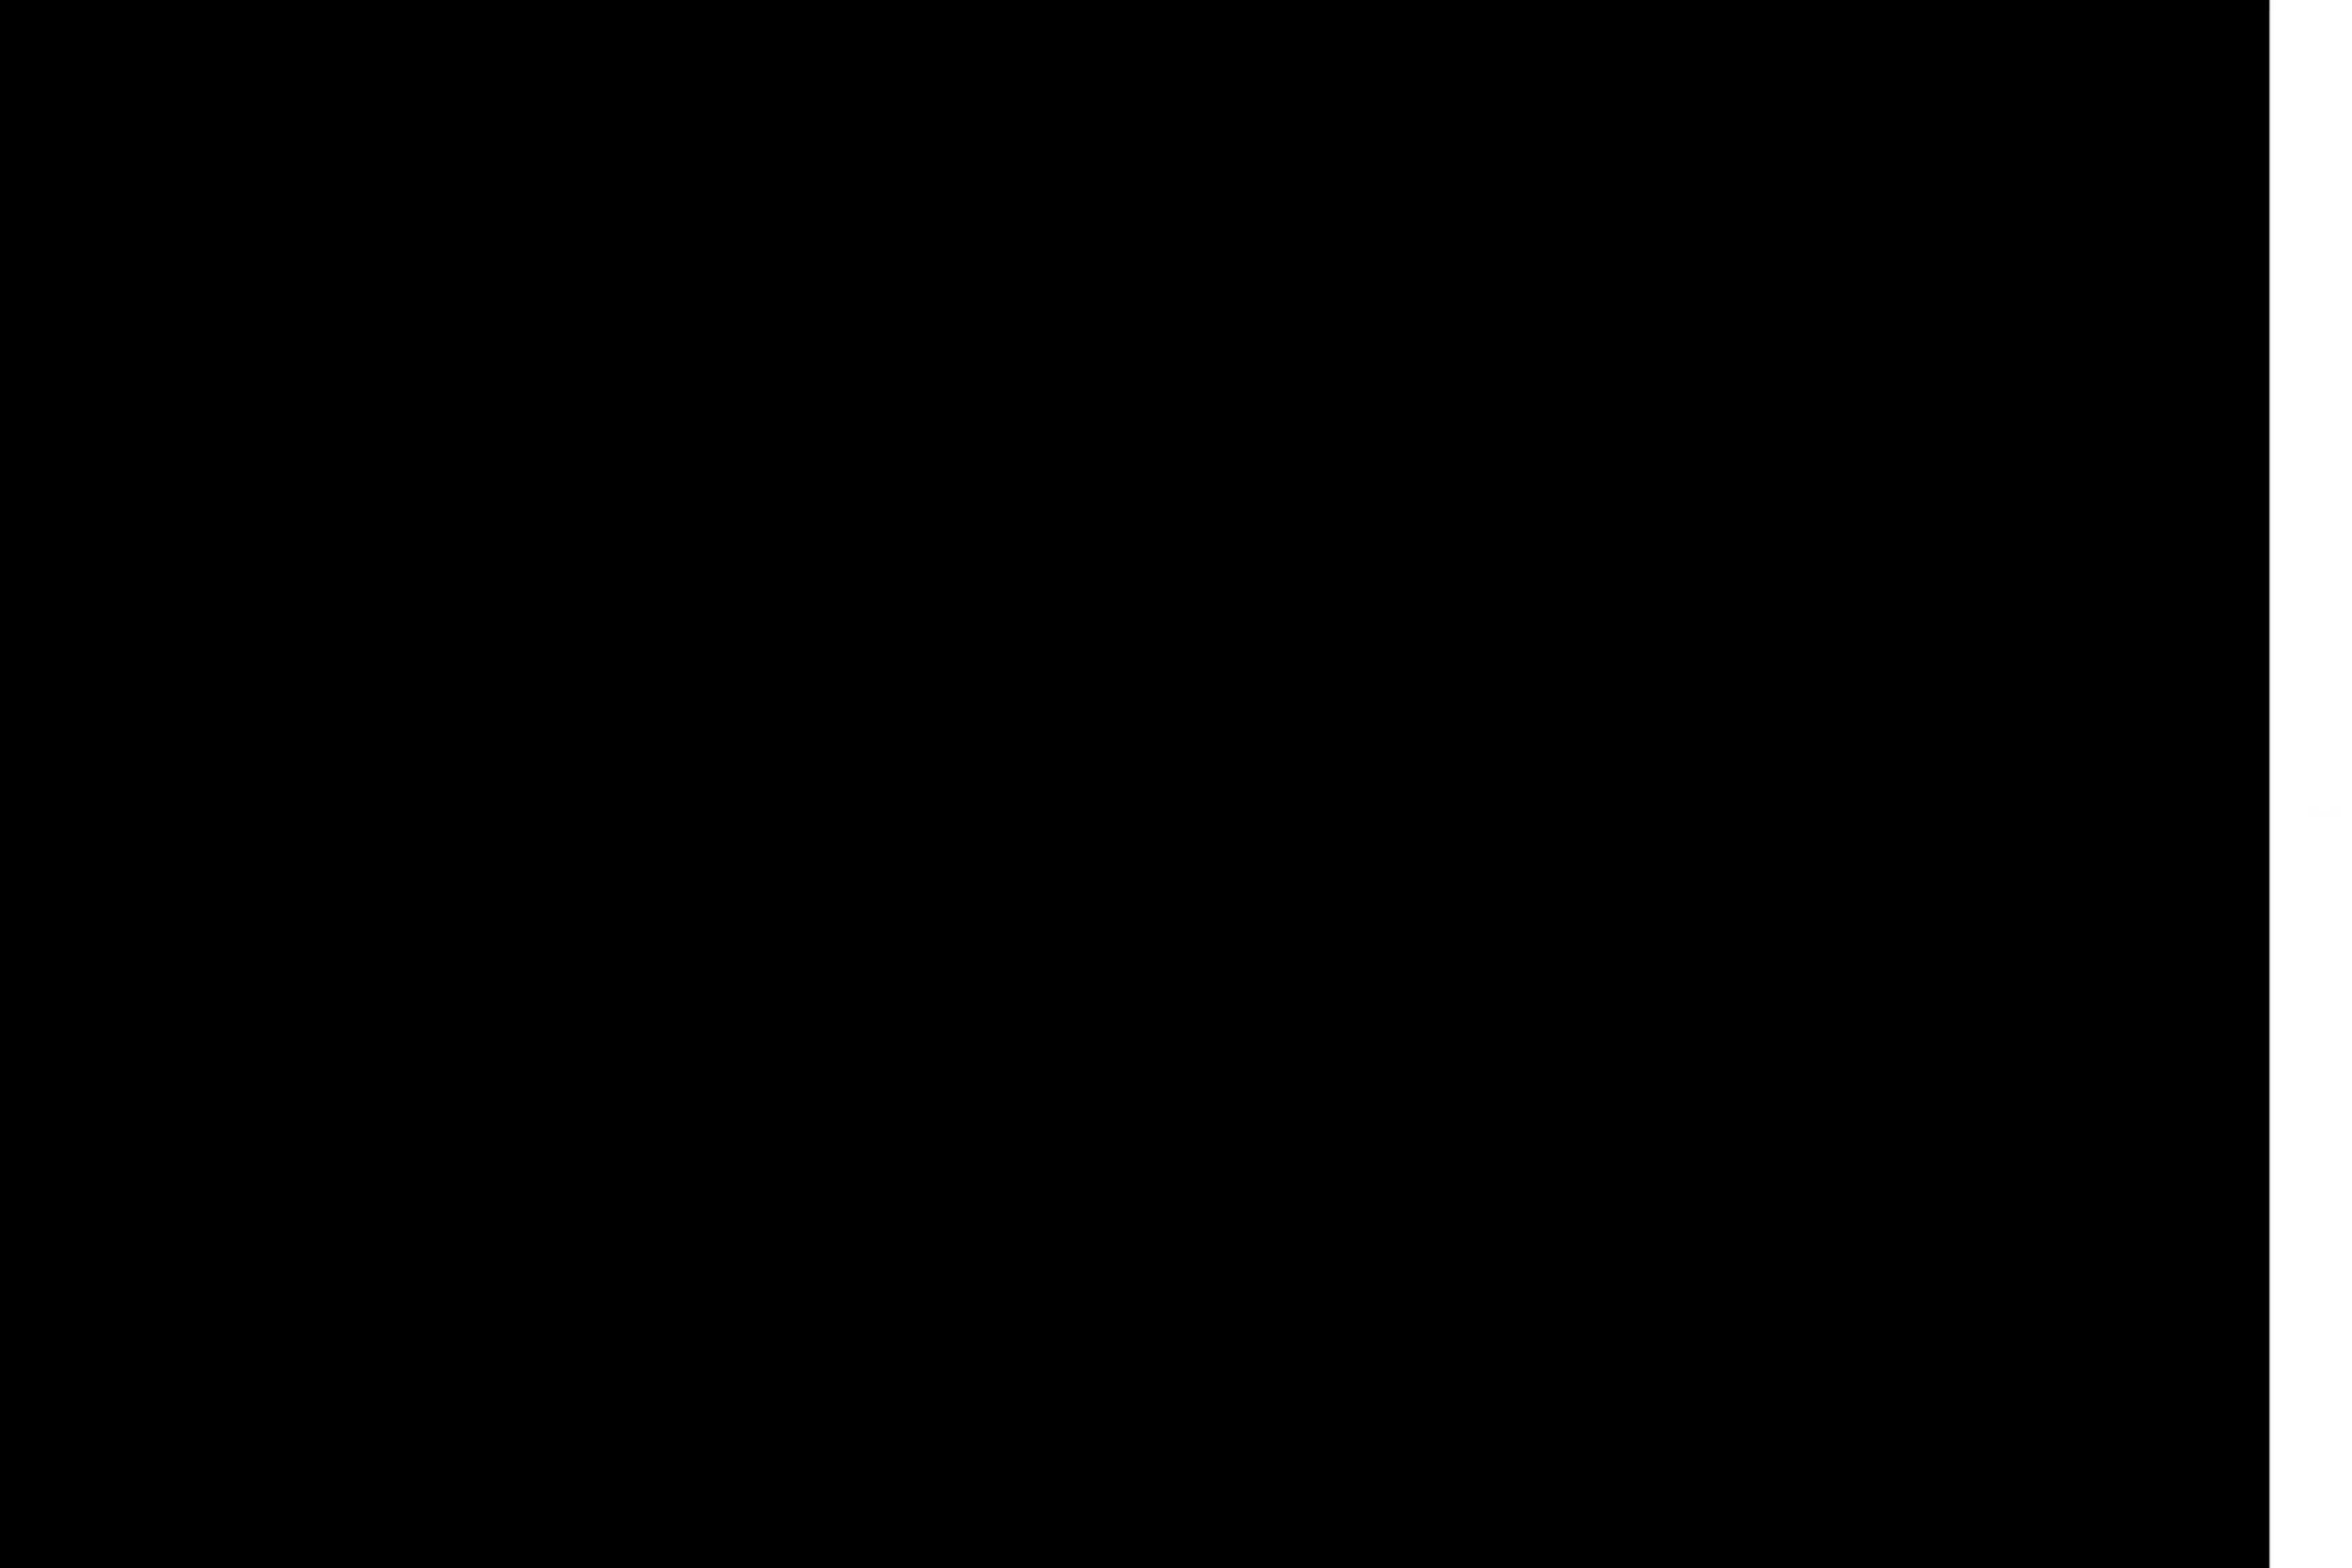 Acide hyaluronique réticulé Floderma Profonde pour nez de 2ml remplisseur cutané